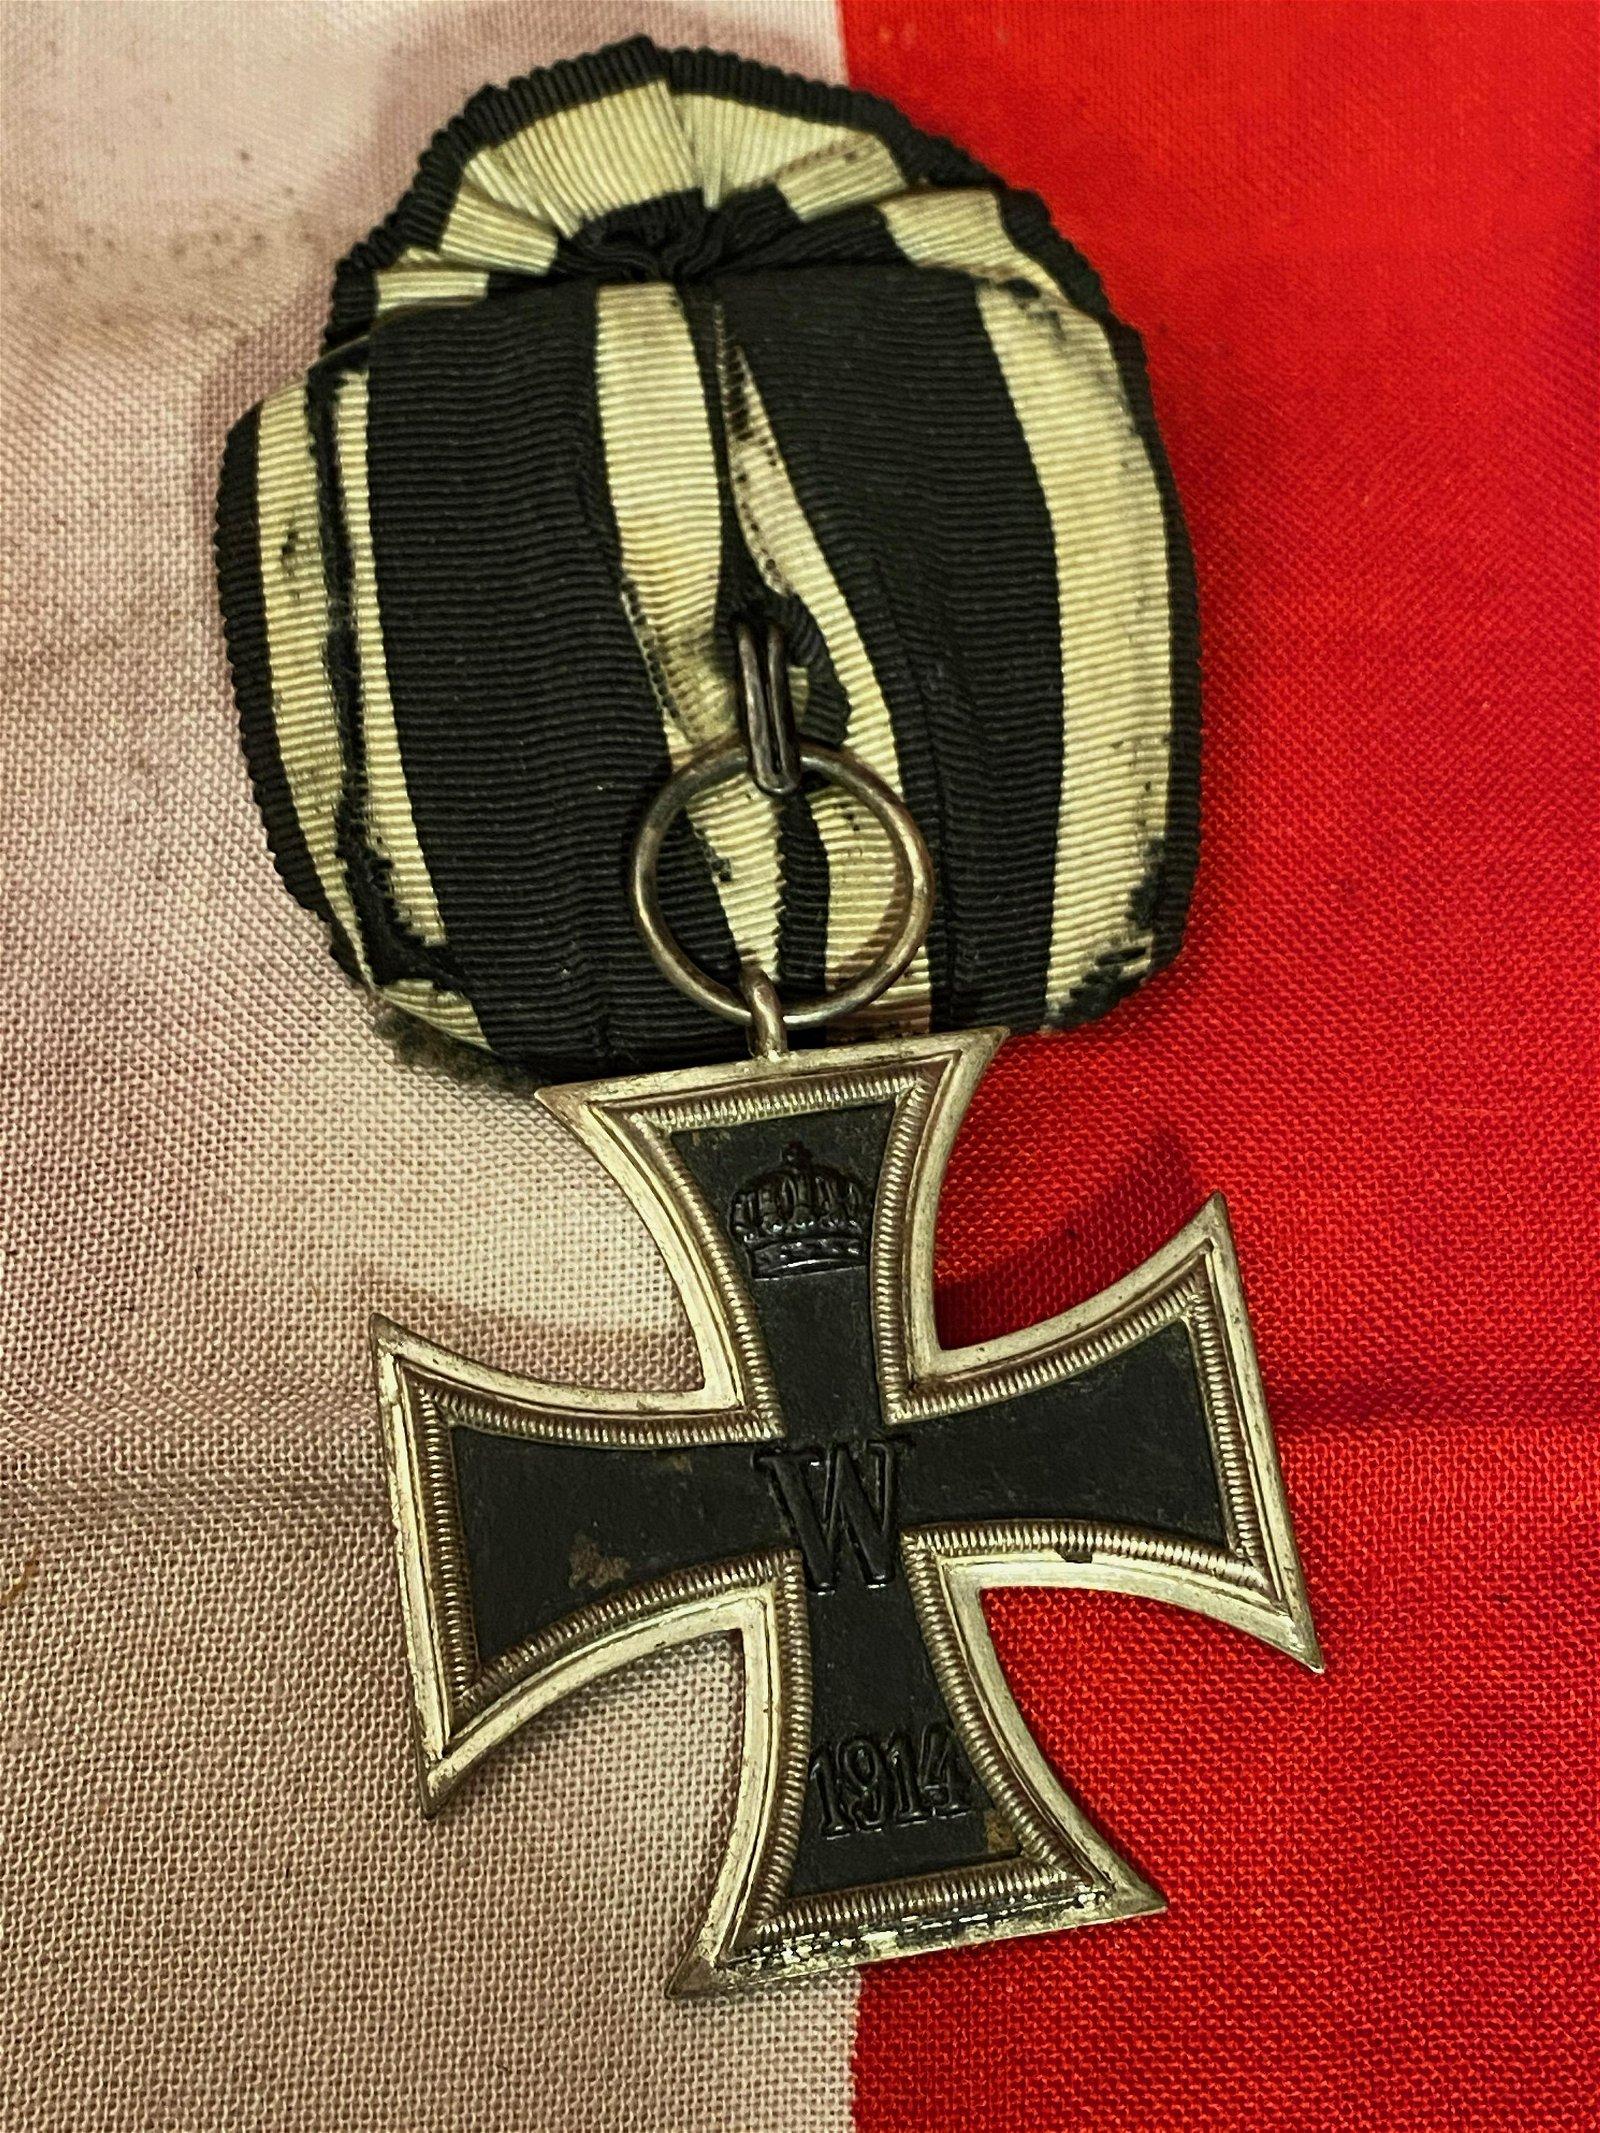 WW1 GERMAN IRON CROSS PIN